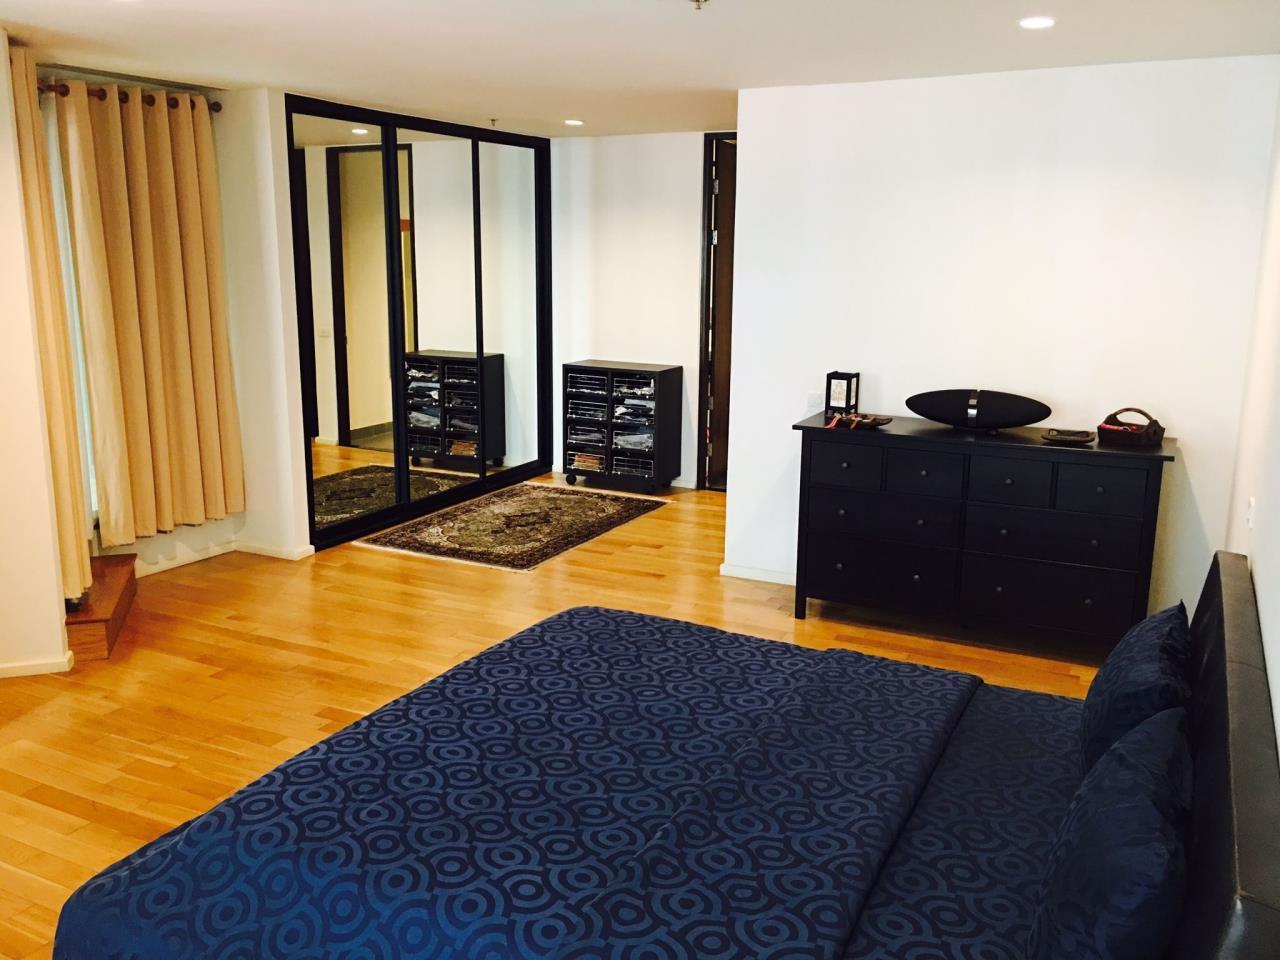 RE/MAX BestLife Agency's The Lakes, 2 Bedroom, 90K, 176SQM, High Floor, Asok 8